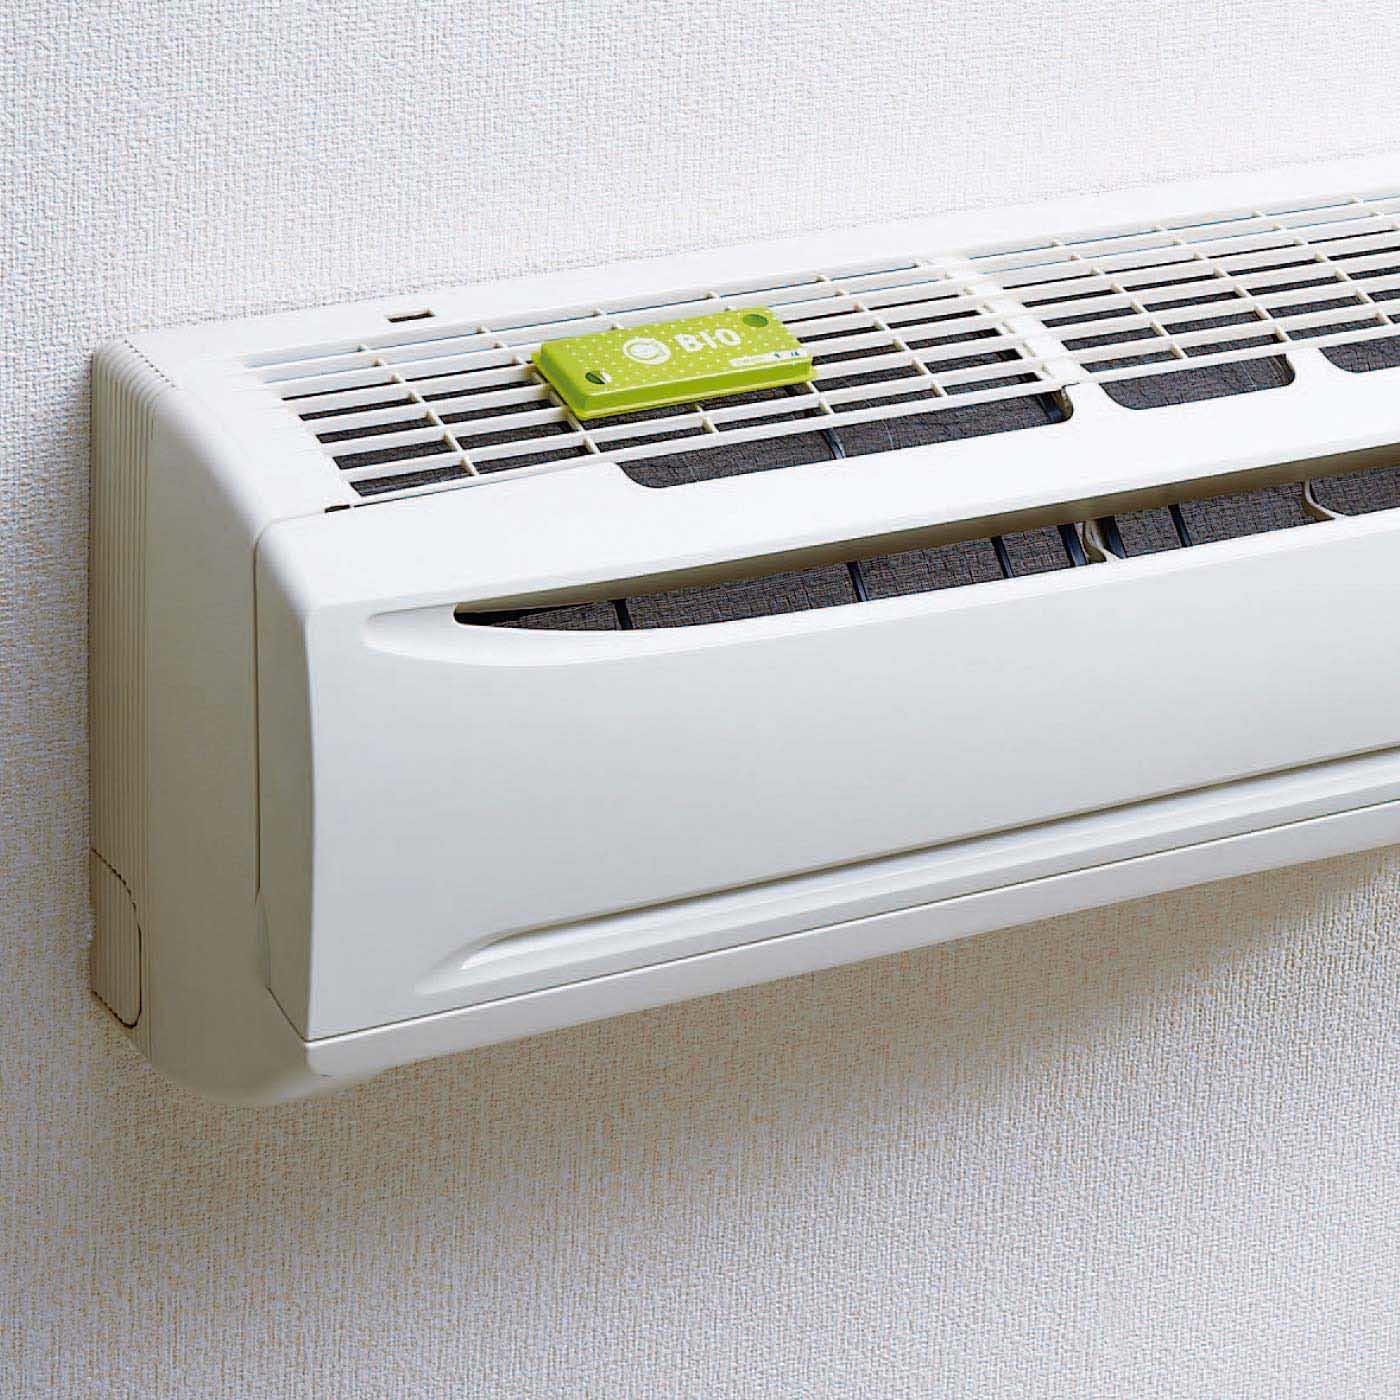 エアコンの吸気口に貼るだけ バイオの力 カビ抑制プレートの会